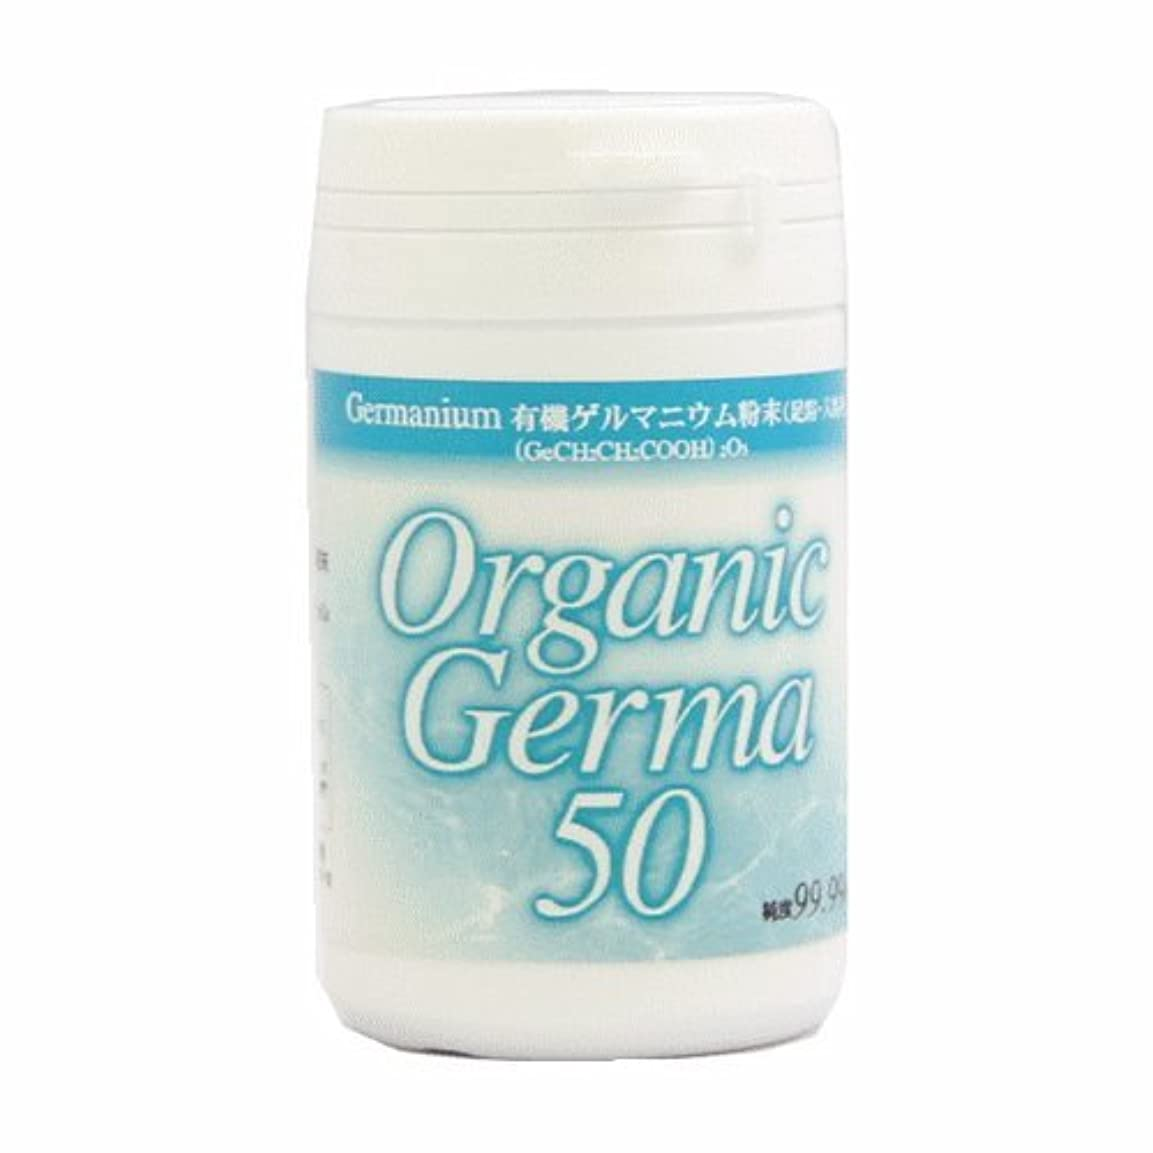 役立つ貫入二【有機 ゲルマニウム 粉末 50g (Ge-132) 99.99% 温浴用】 ゲルマ パウダー